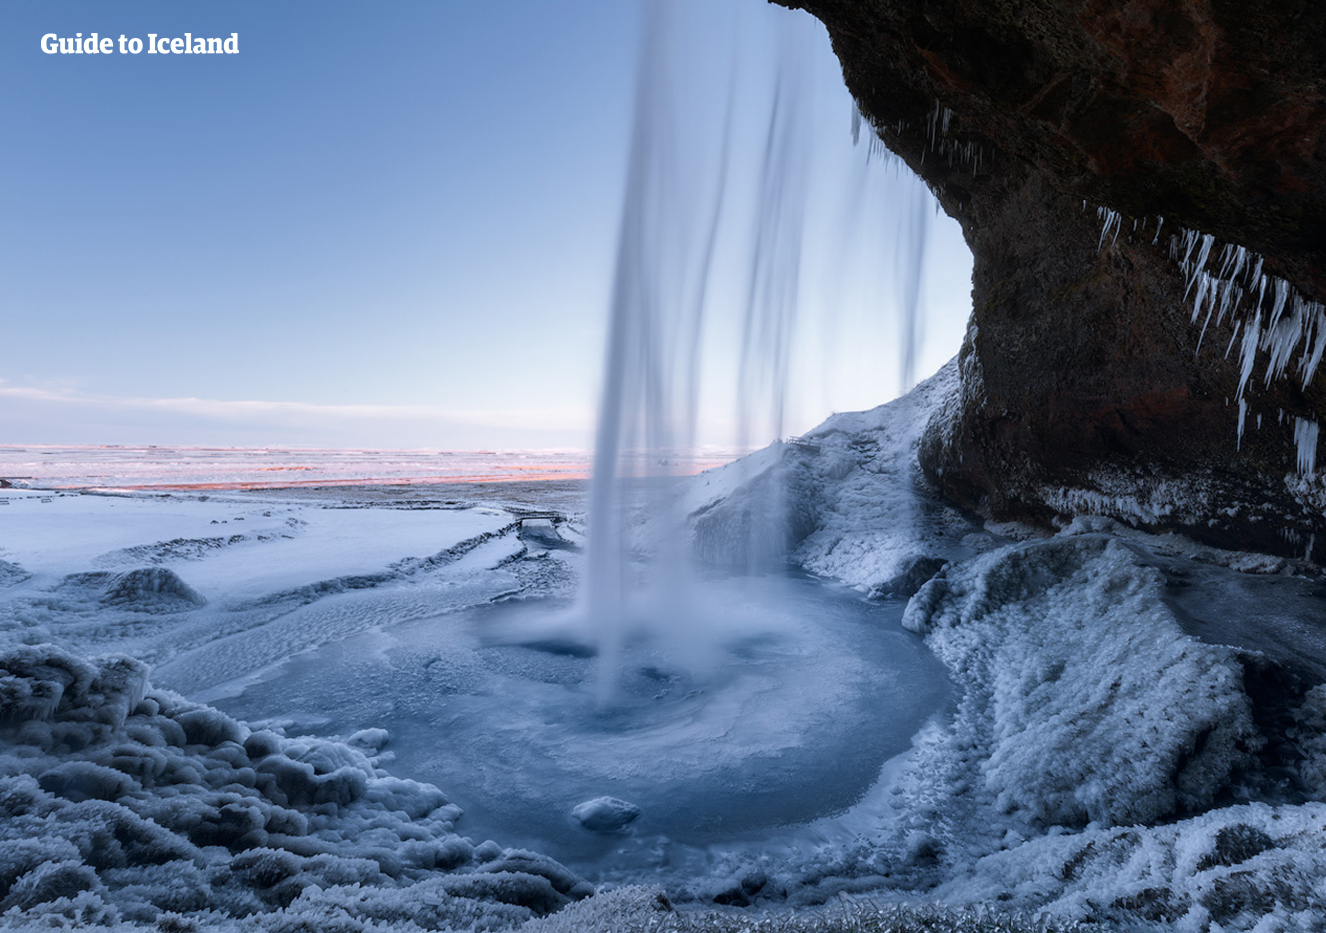 Islands sydkust är om natten både olycksbådande och vacker med sina skrämmande svarta klippformationer.